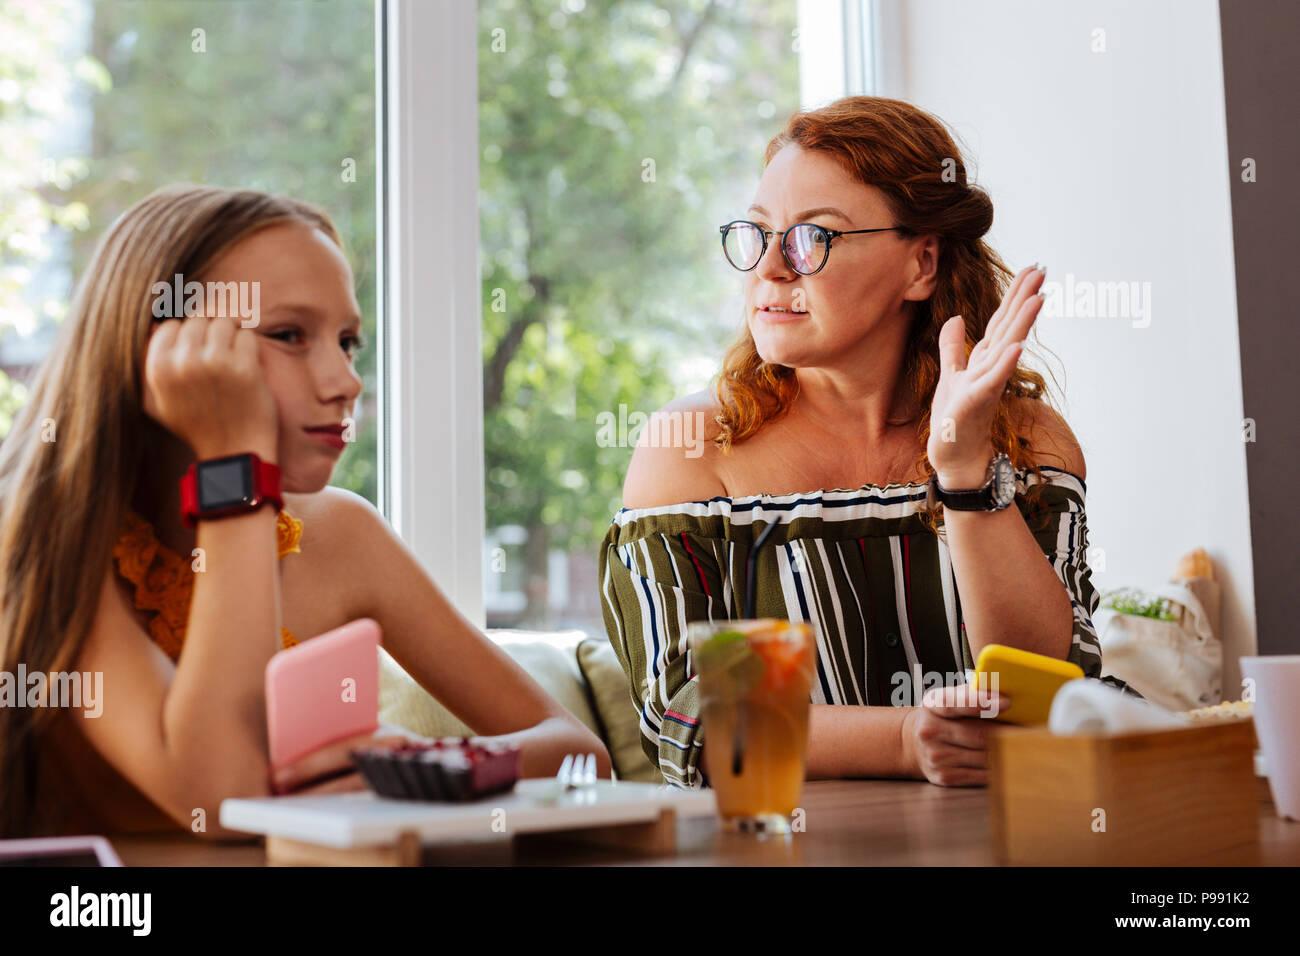 Mère grave portant des lunettes ayant un conflit avec sa fille Photo Stock